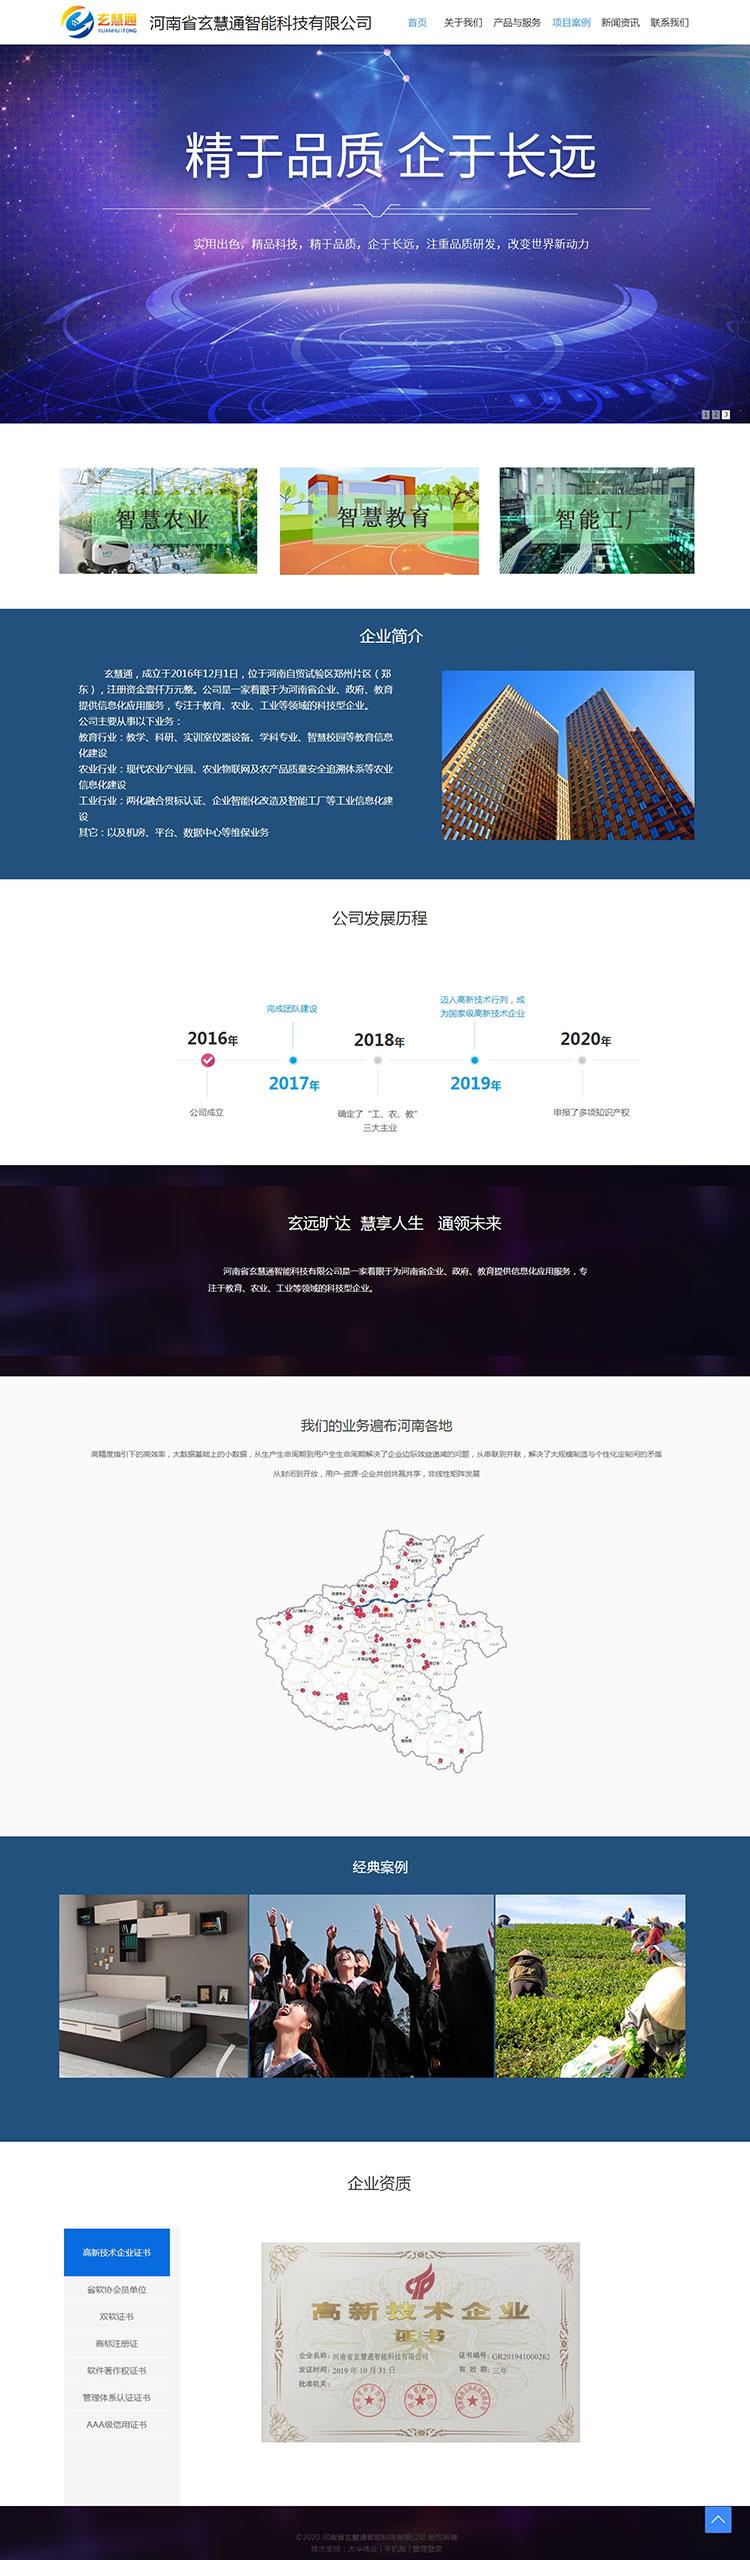 河南省玄慧通智能科技有限公司4.jpg